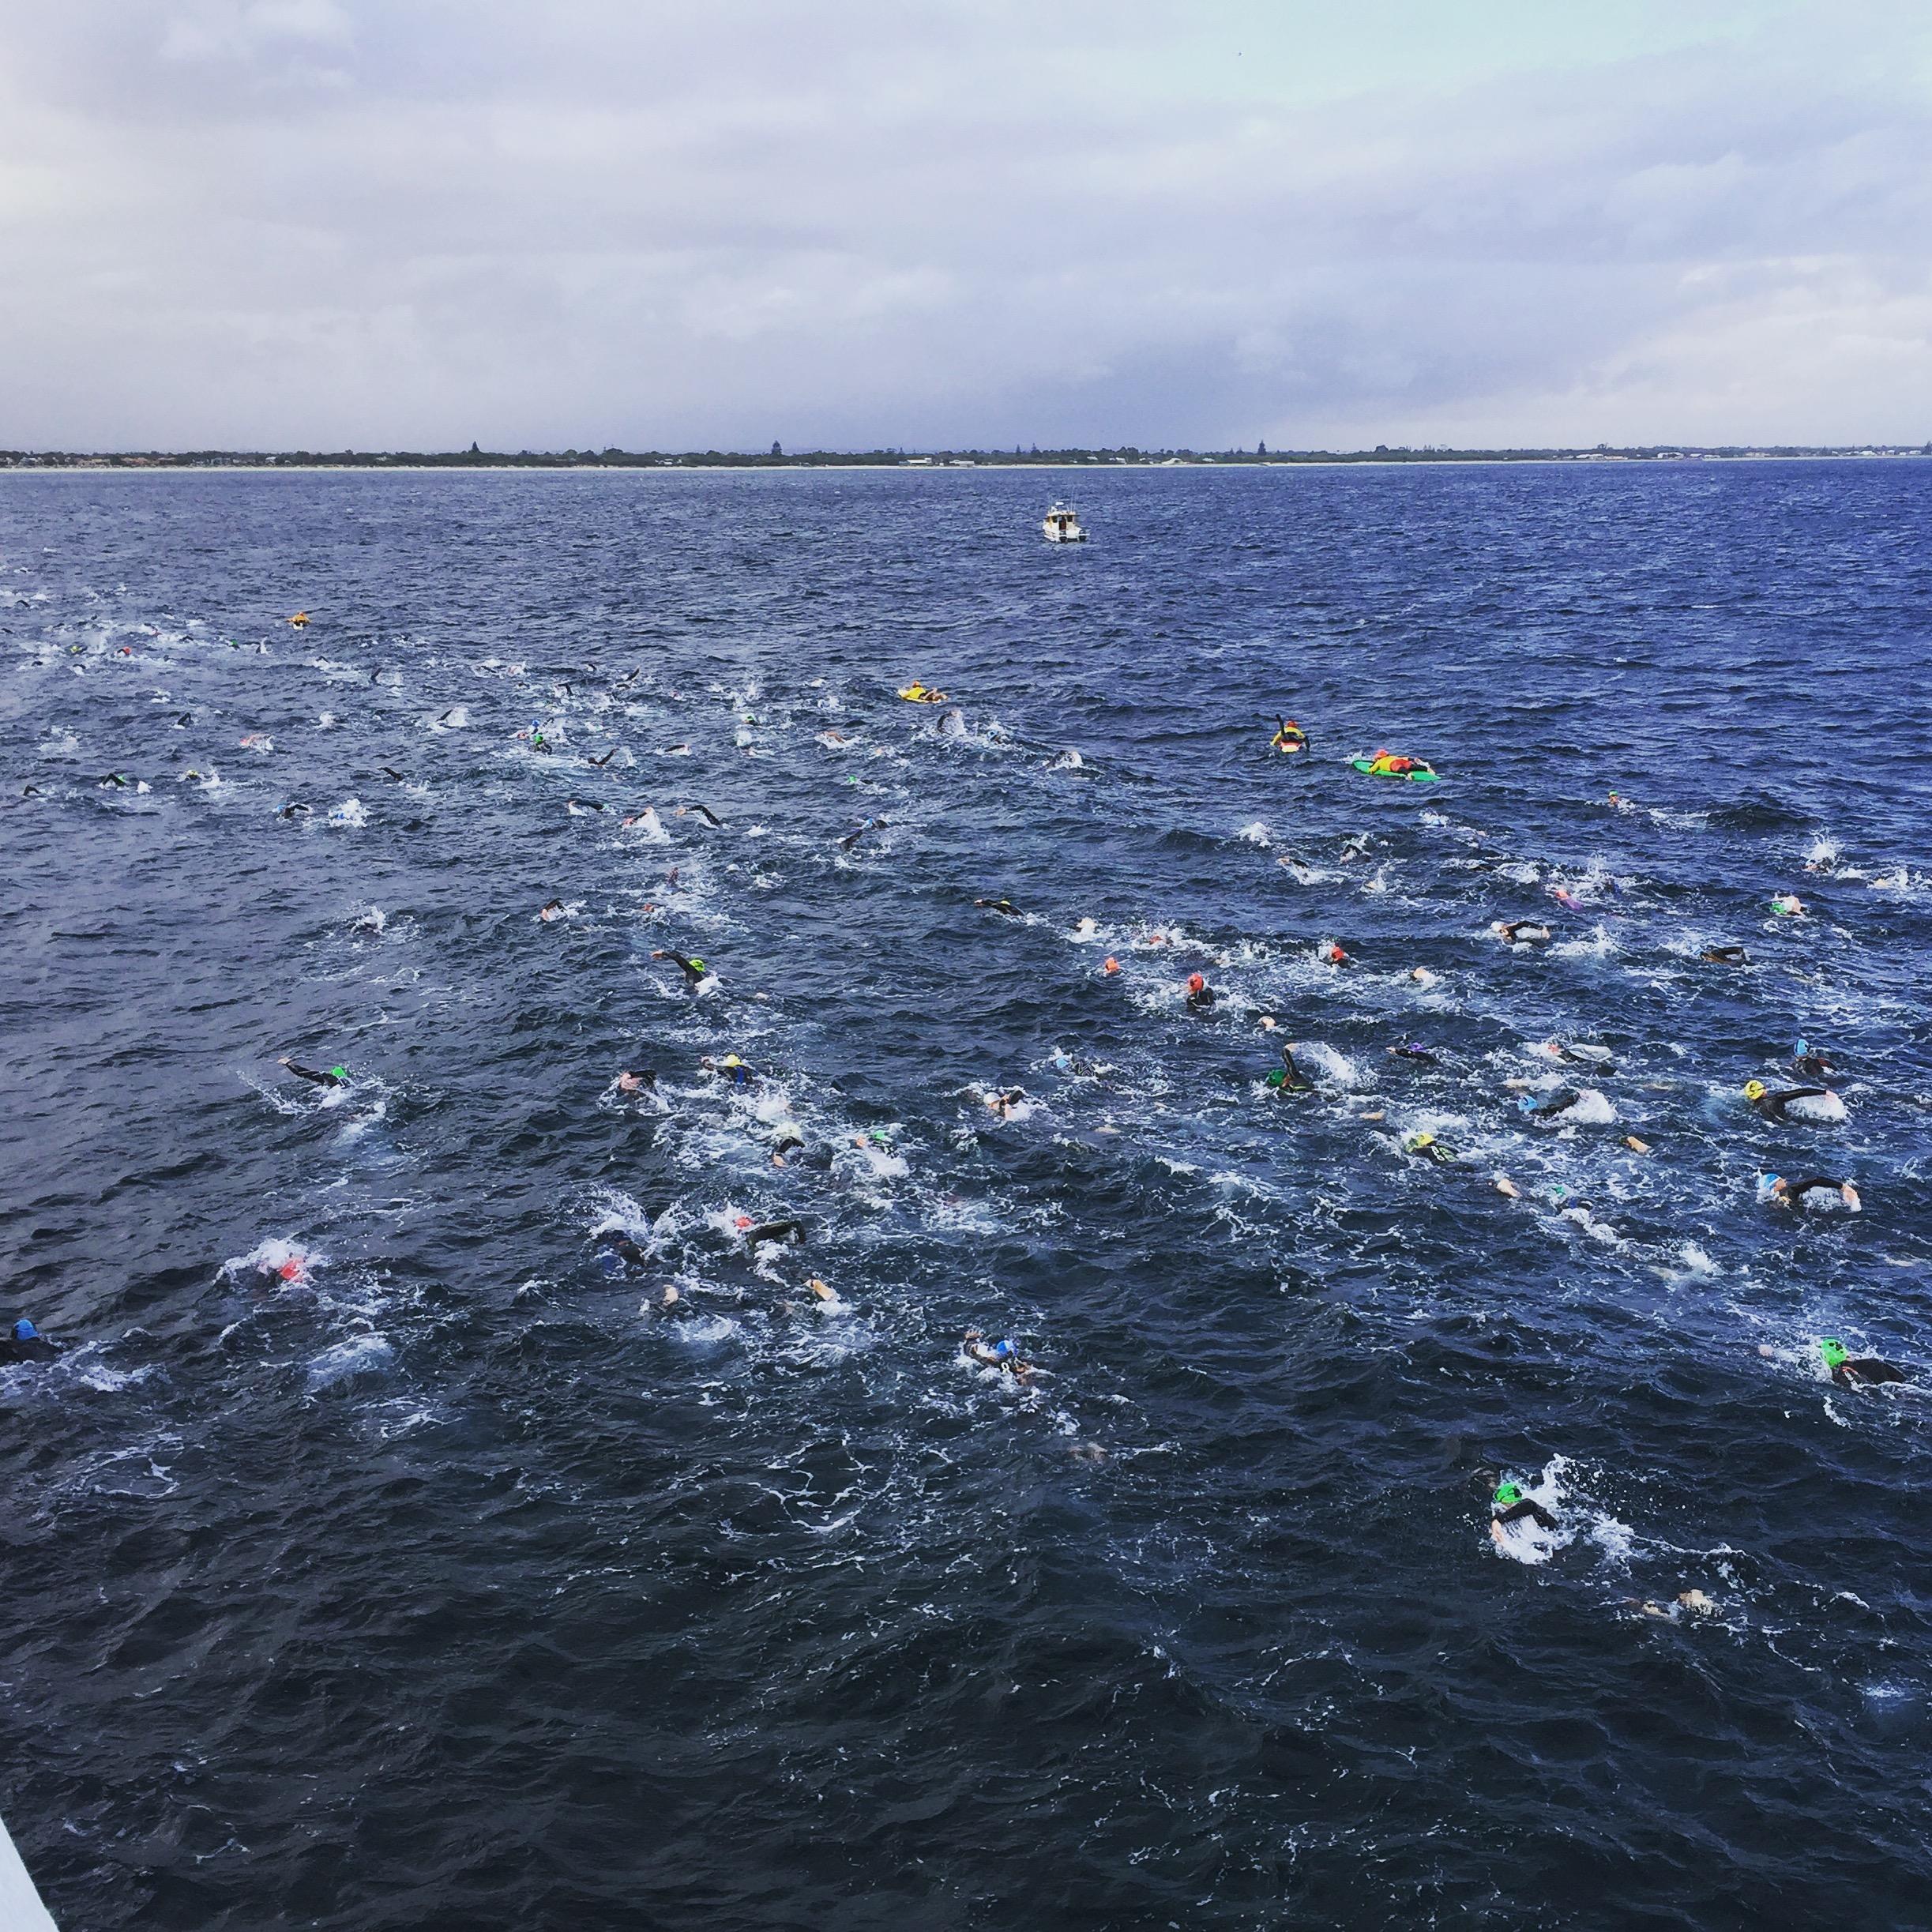 The last 1km of the 4km swim